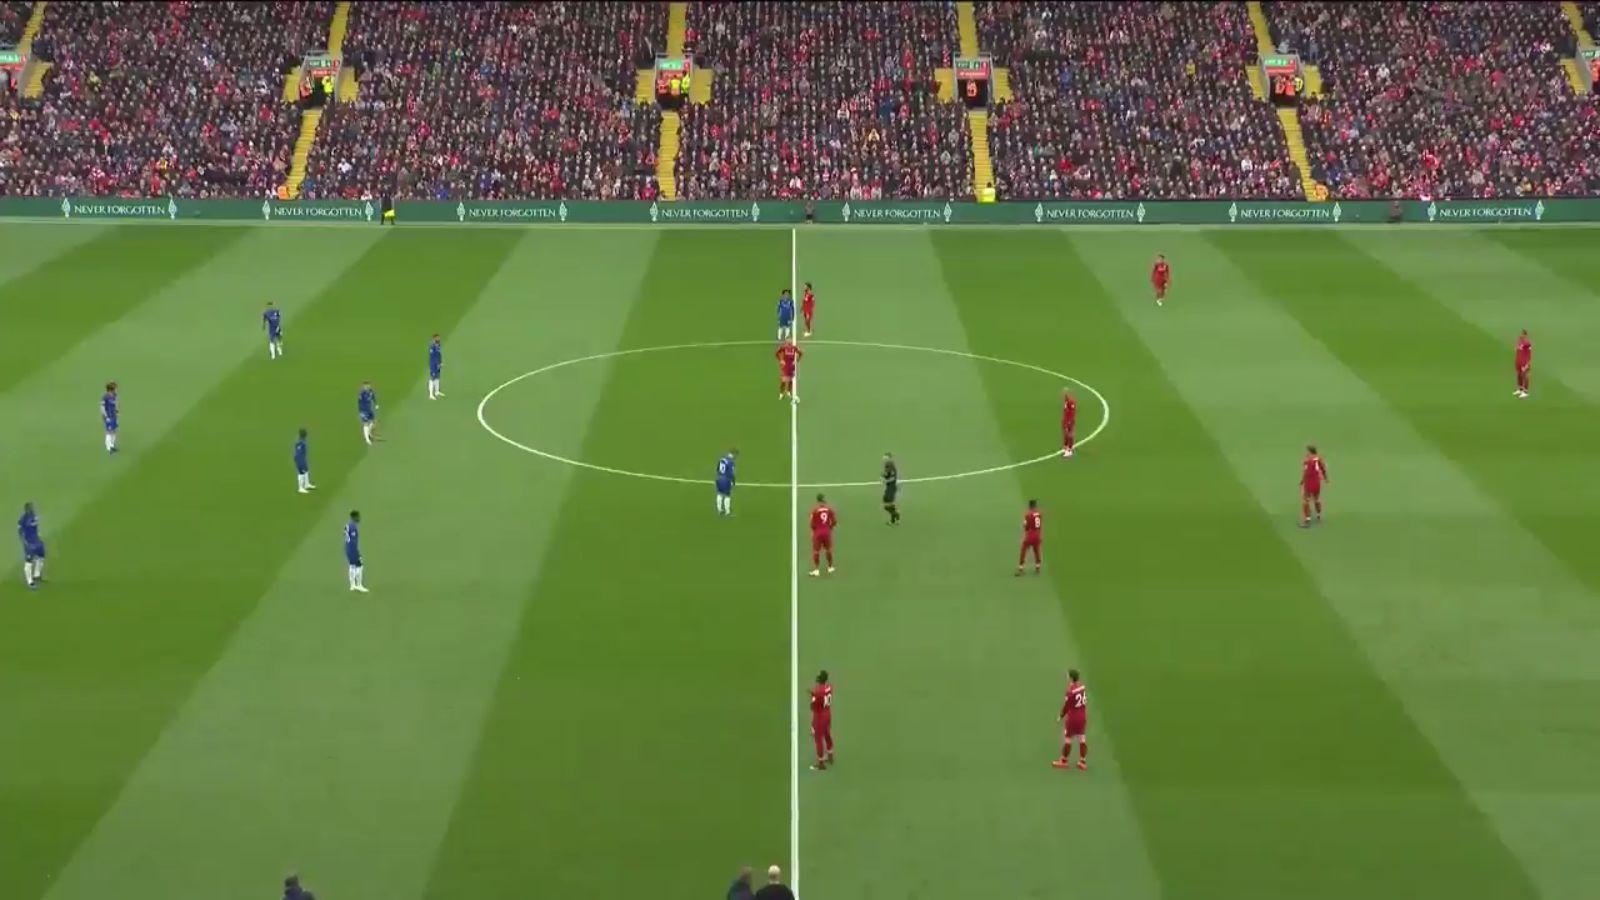 14-04-2019 - Liverpool 2-0 Chelsea